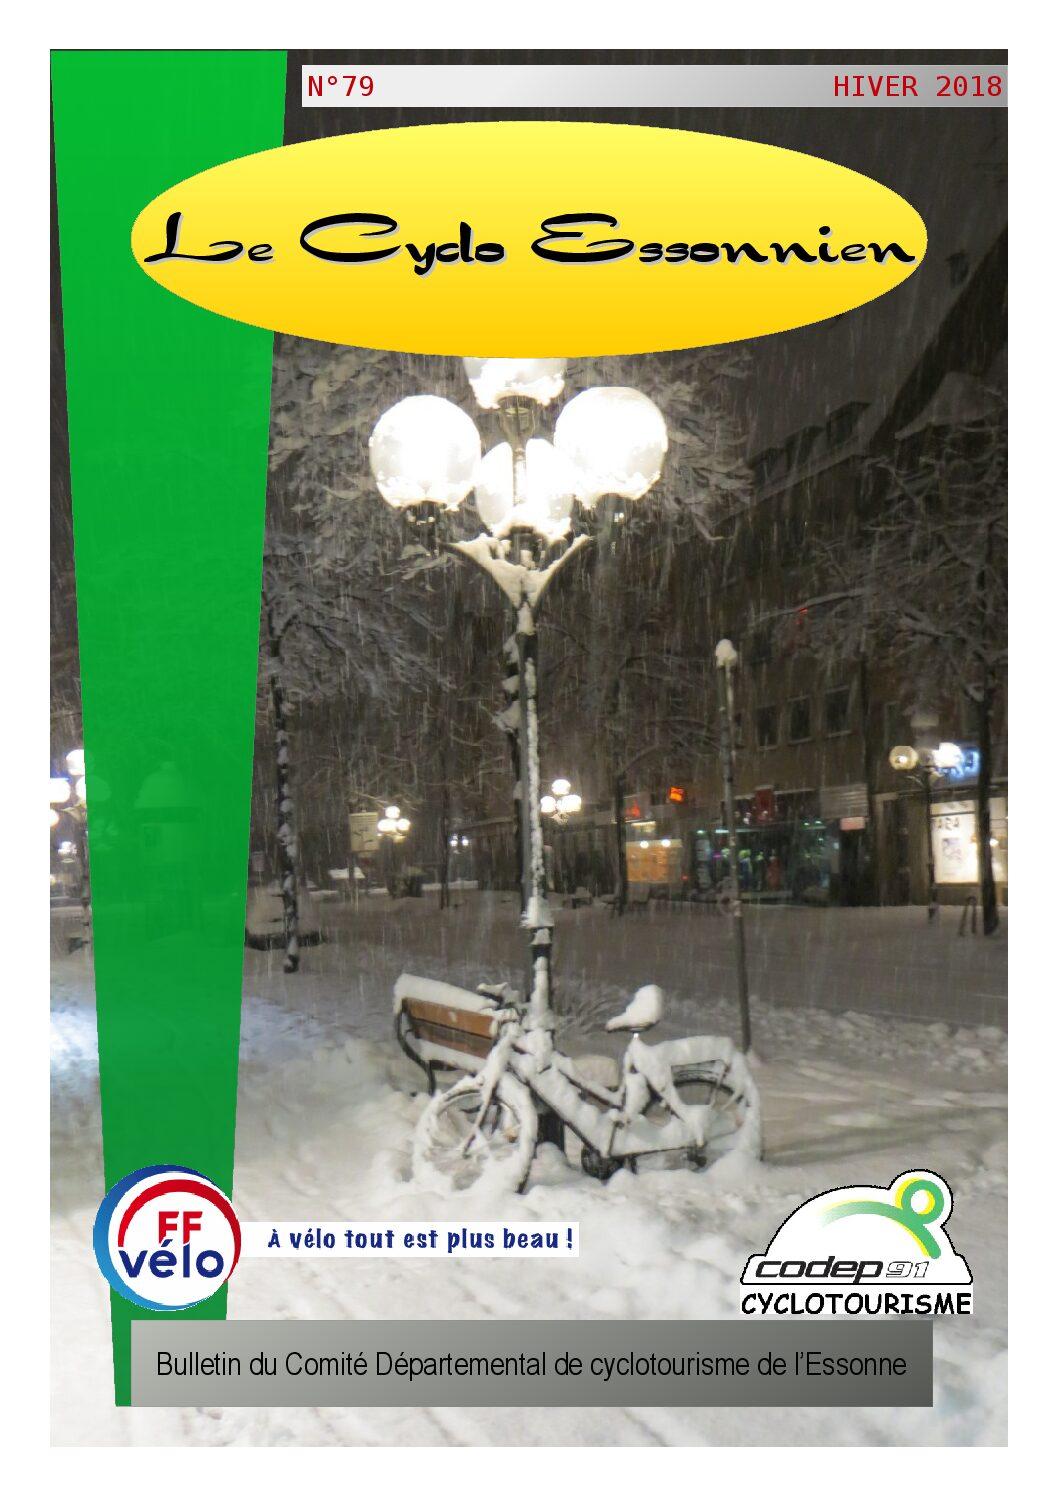 Le Cyclo Essonnien n°79